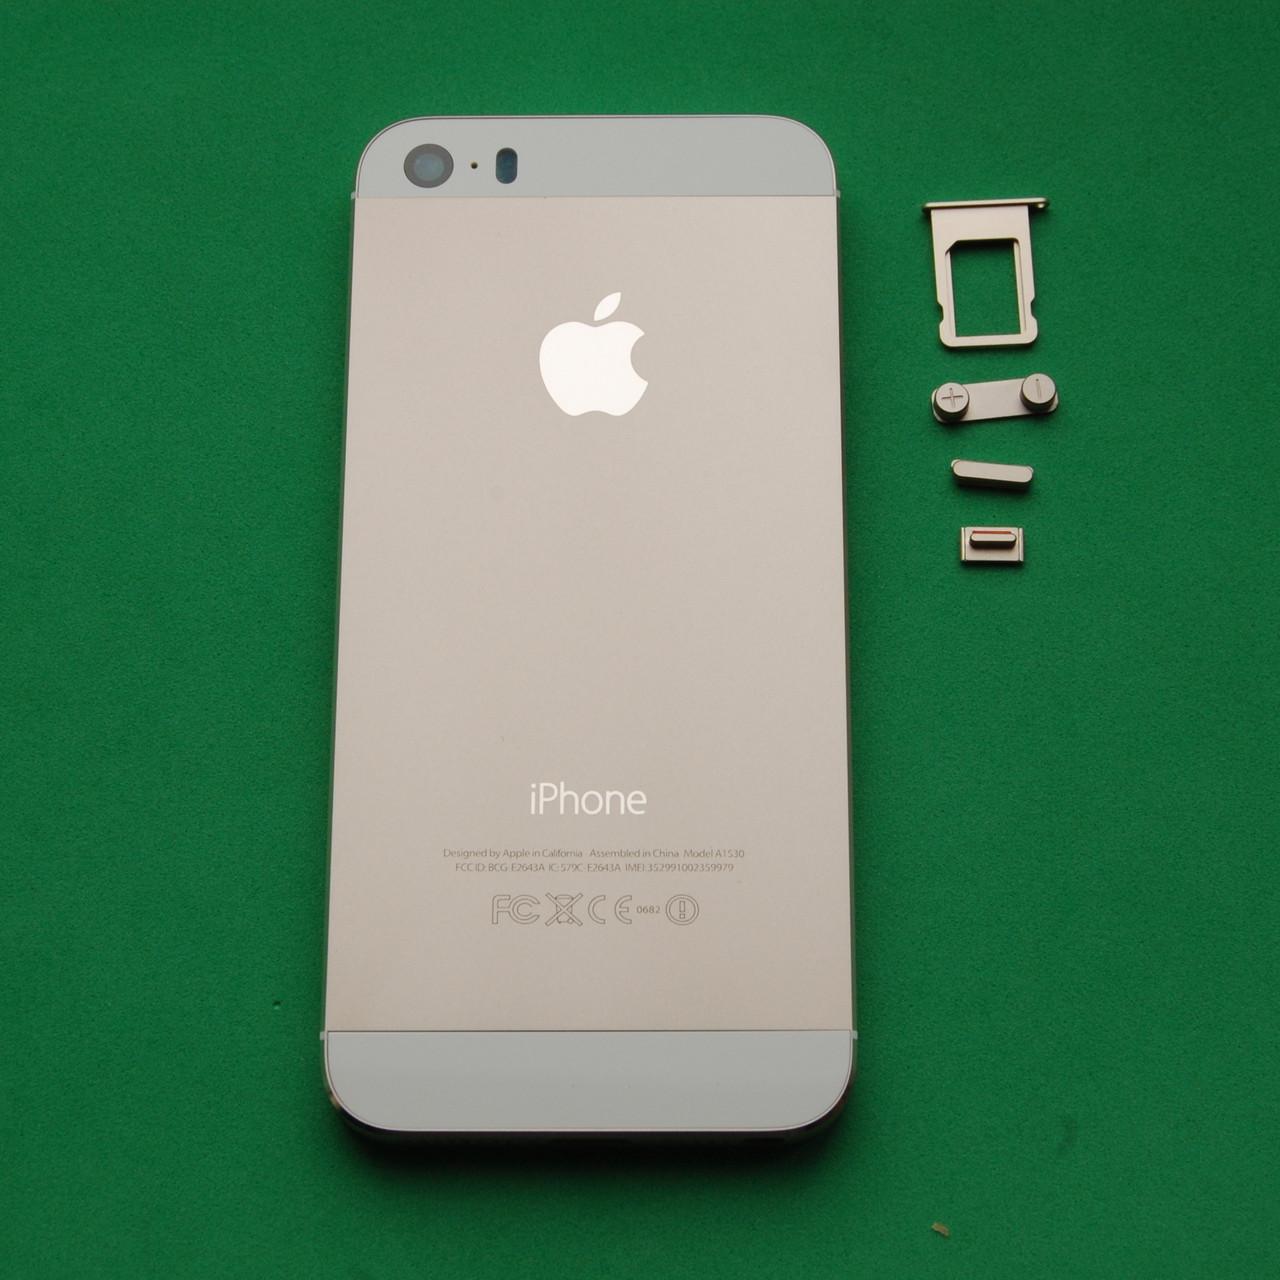 айфон 5s цена в харькове оригинал новый купить